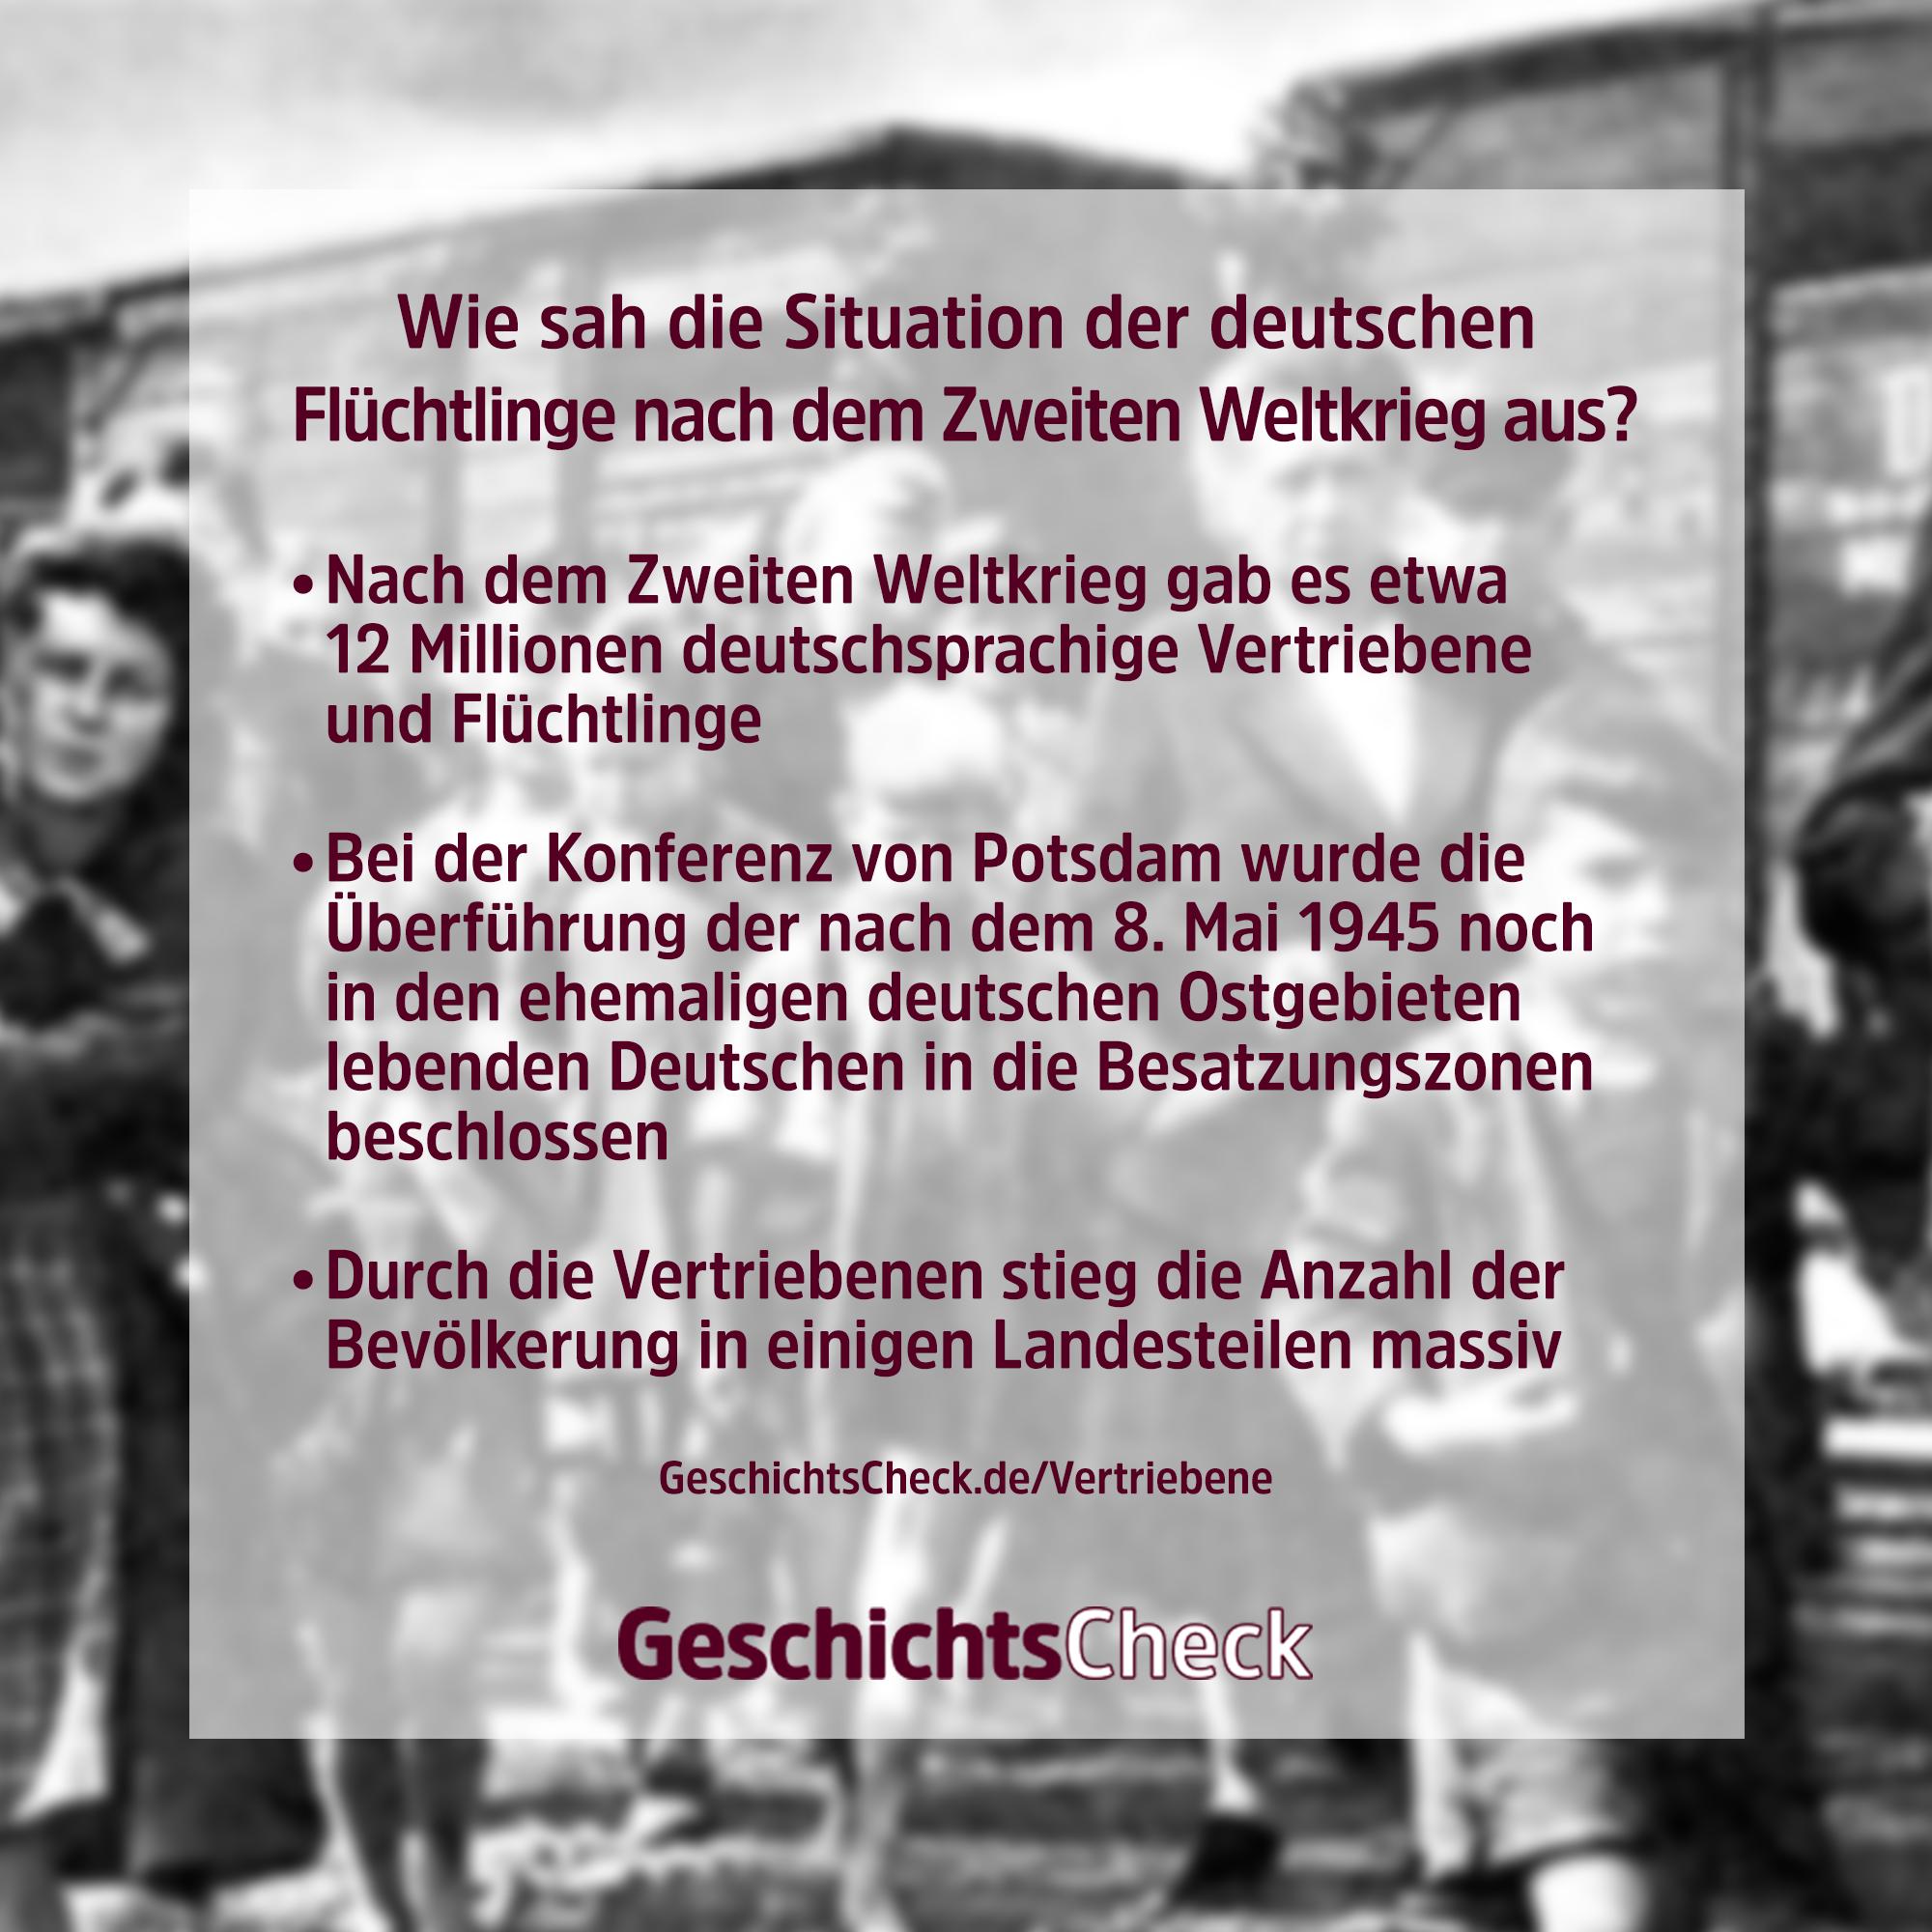 Bildergebnis für Bilder Deutsche Vertriebene